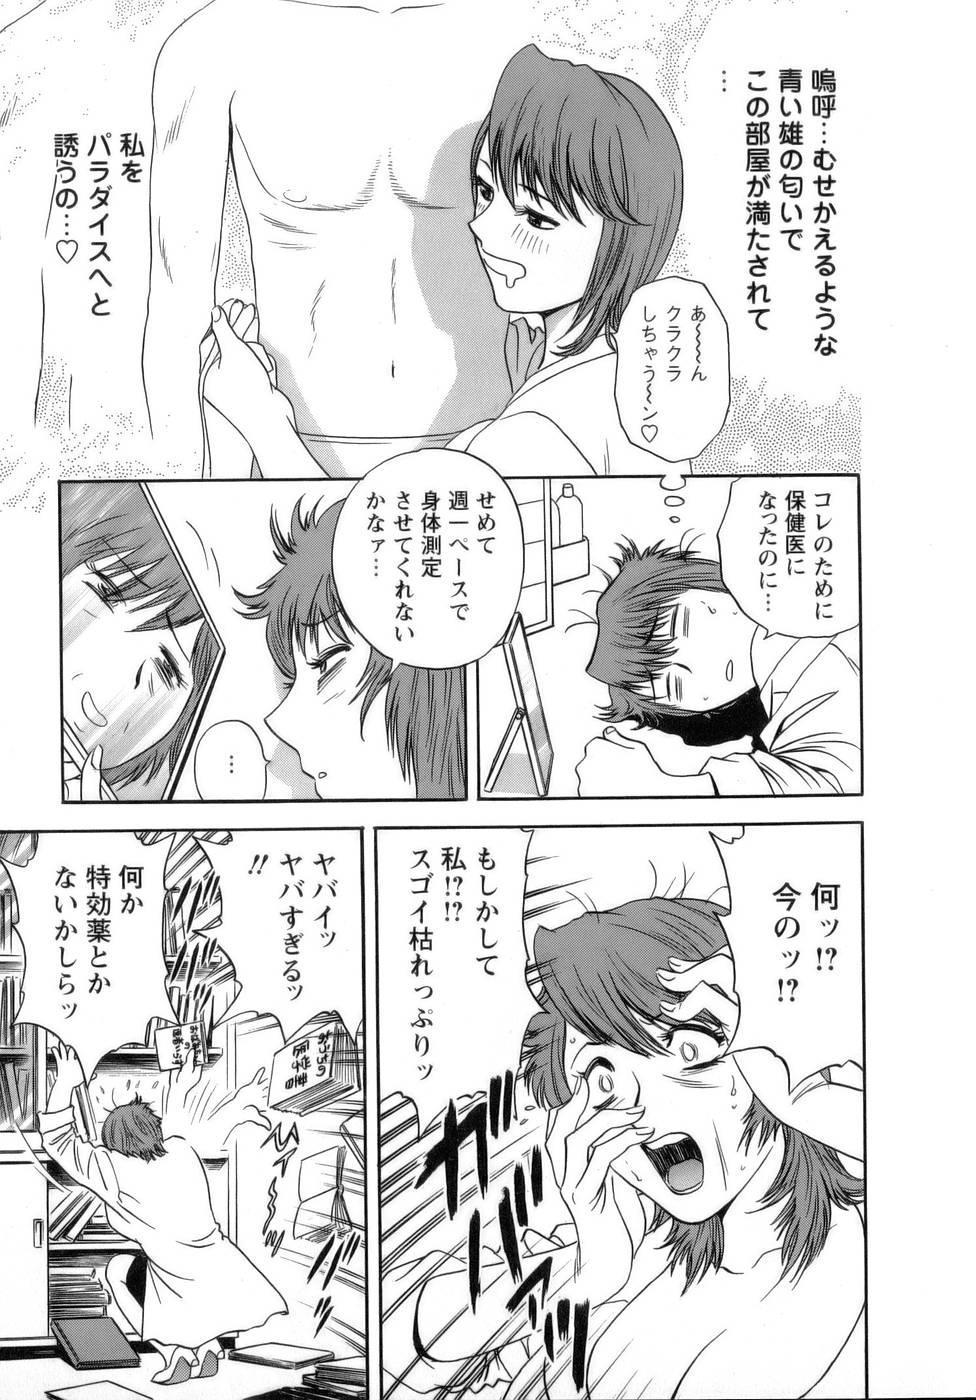 [Hidemaru] Mo-Retsu! Boin Sensei (Boing Boing Teacher) Vol.1 156